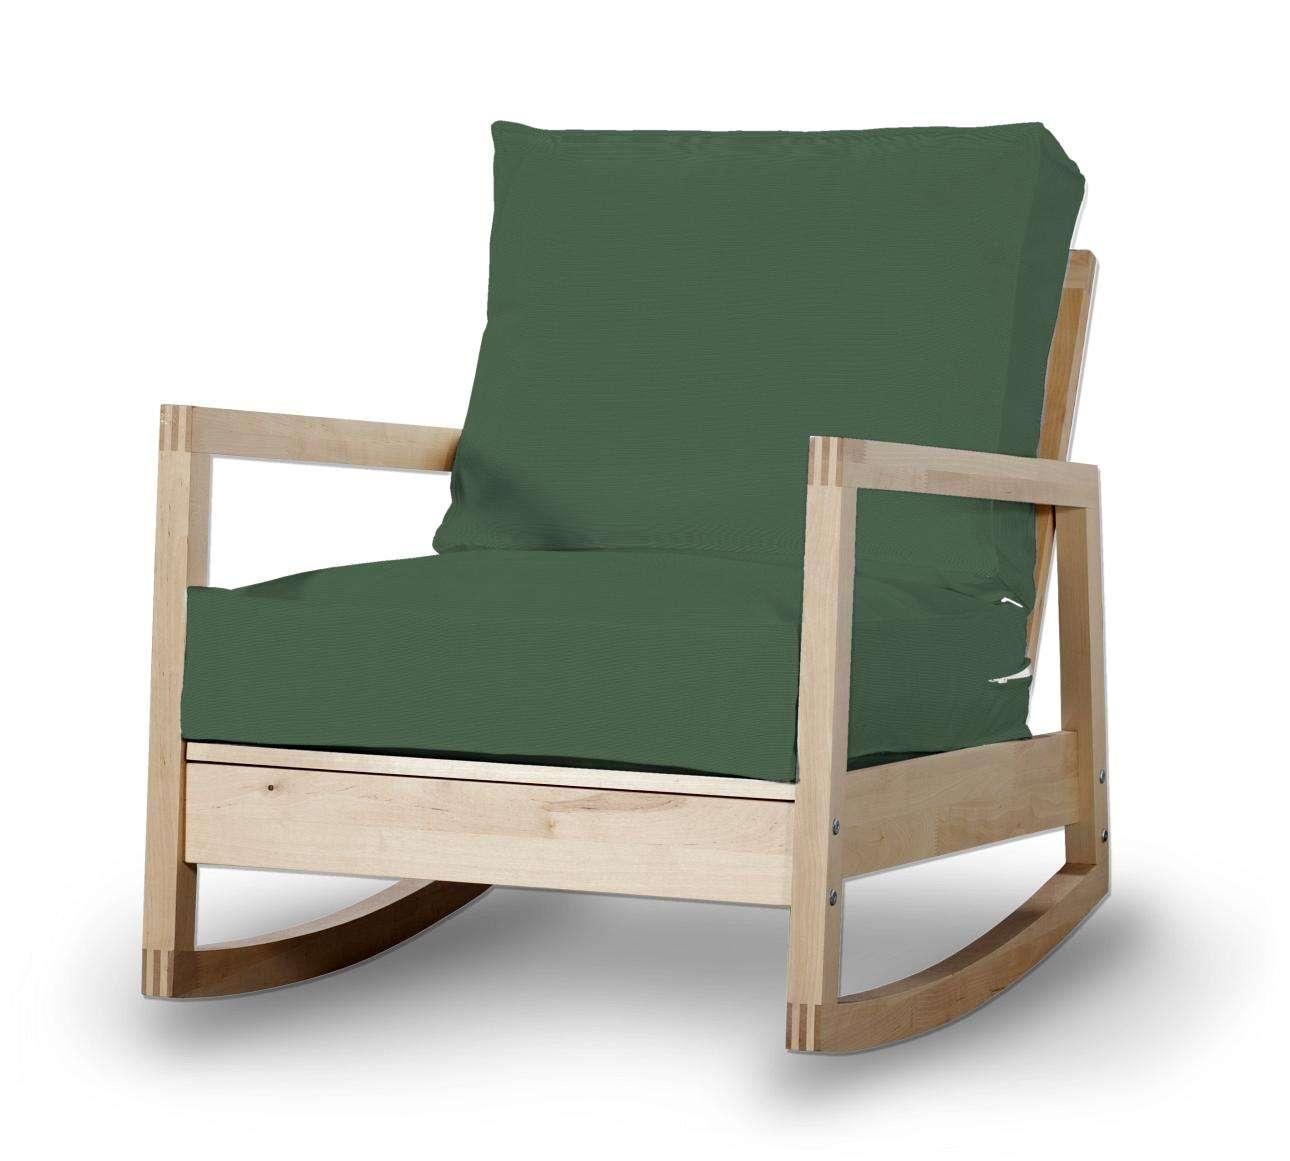 LILLBERG fotelio užvalkalas LILLBERG fotelio užvalkalas kolekcijoje Cotton Panama, audinys: 702-06